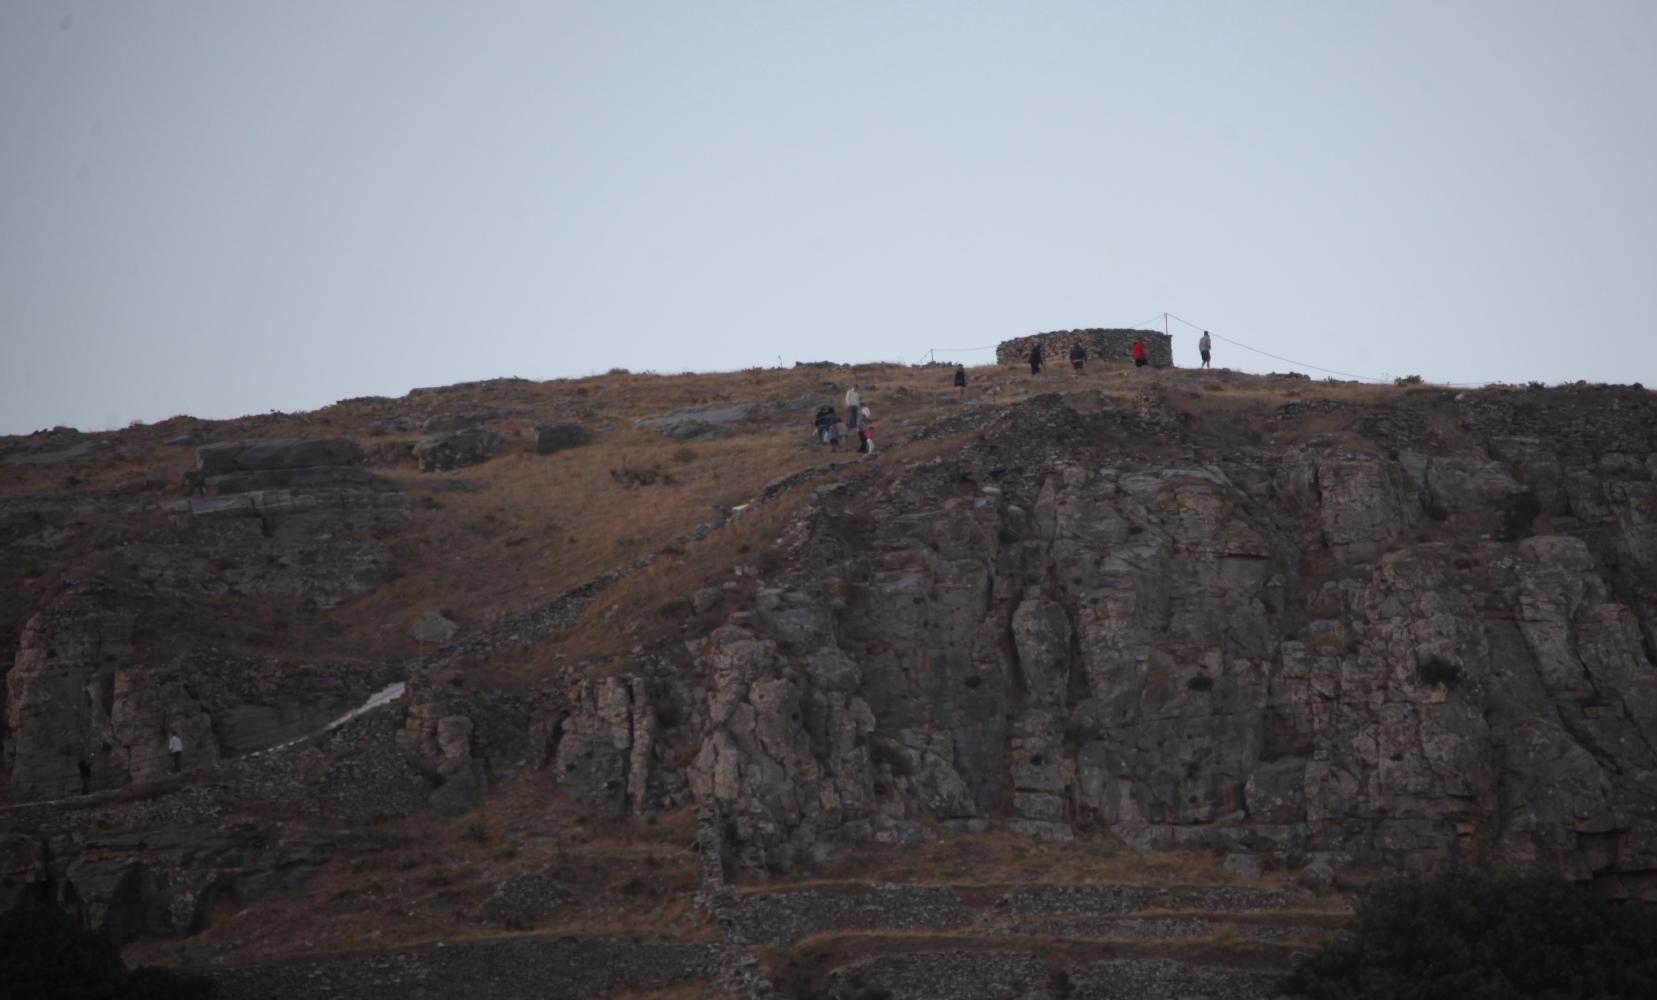 παραμονη δεκαπενταυγουστου στο κοχυλιανό κάστρο 14 αυγουστ 2016 vanglouk androsfilm (9)